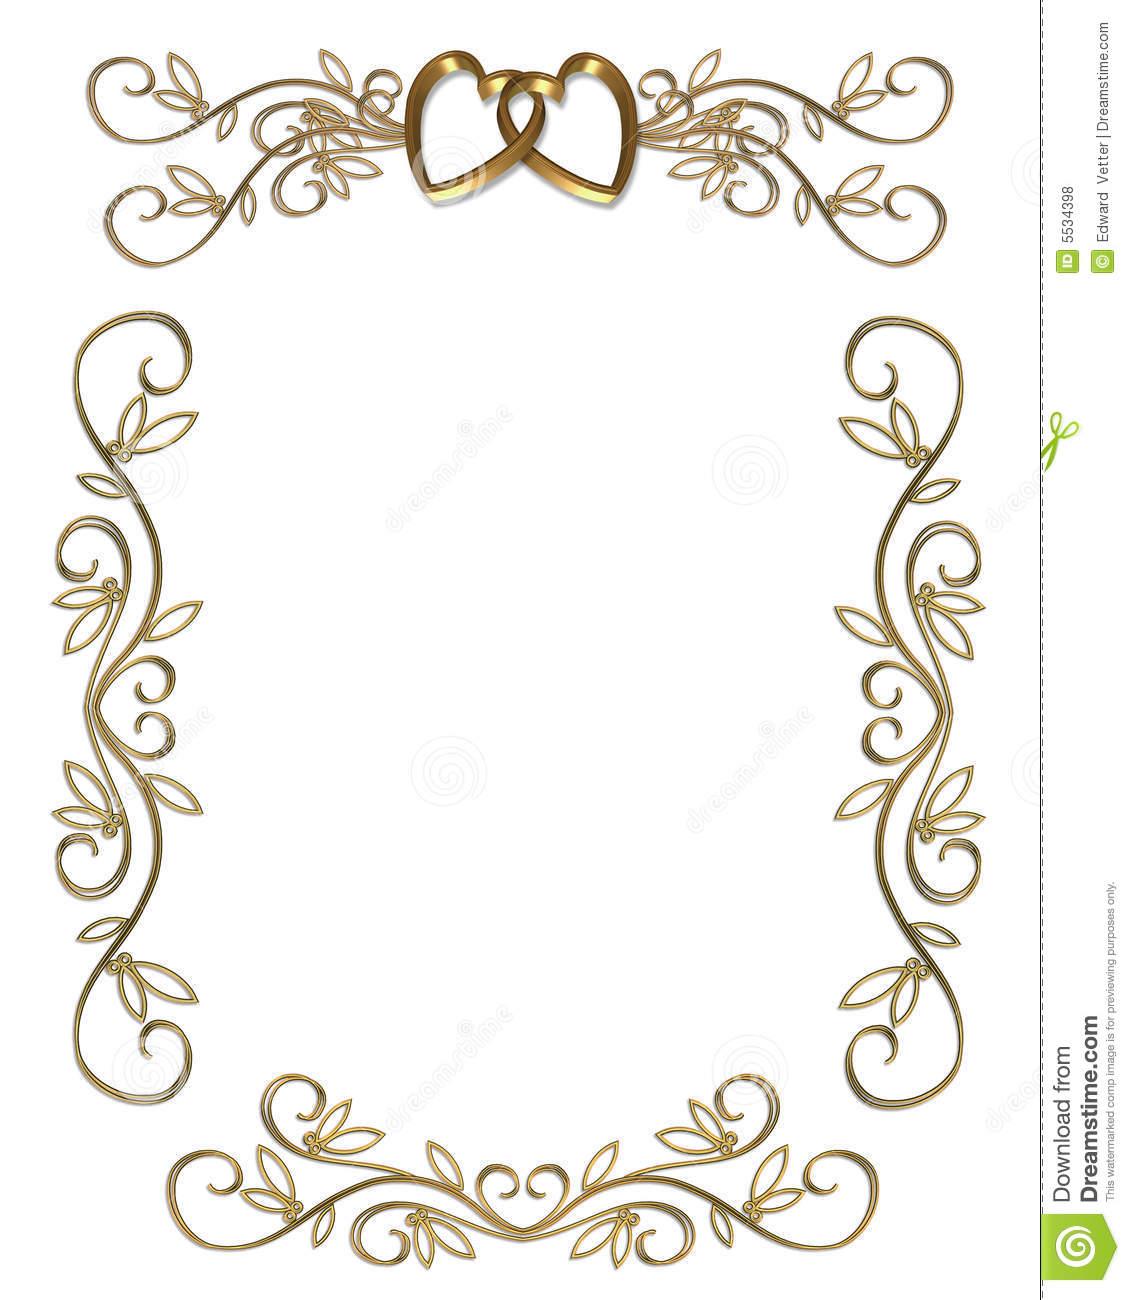 50th Anniversary Border Clip Art Free Invitation Gold Border